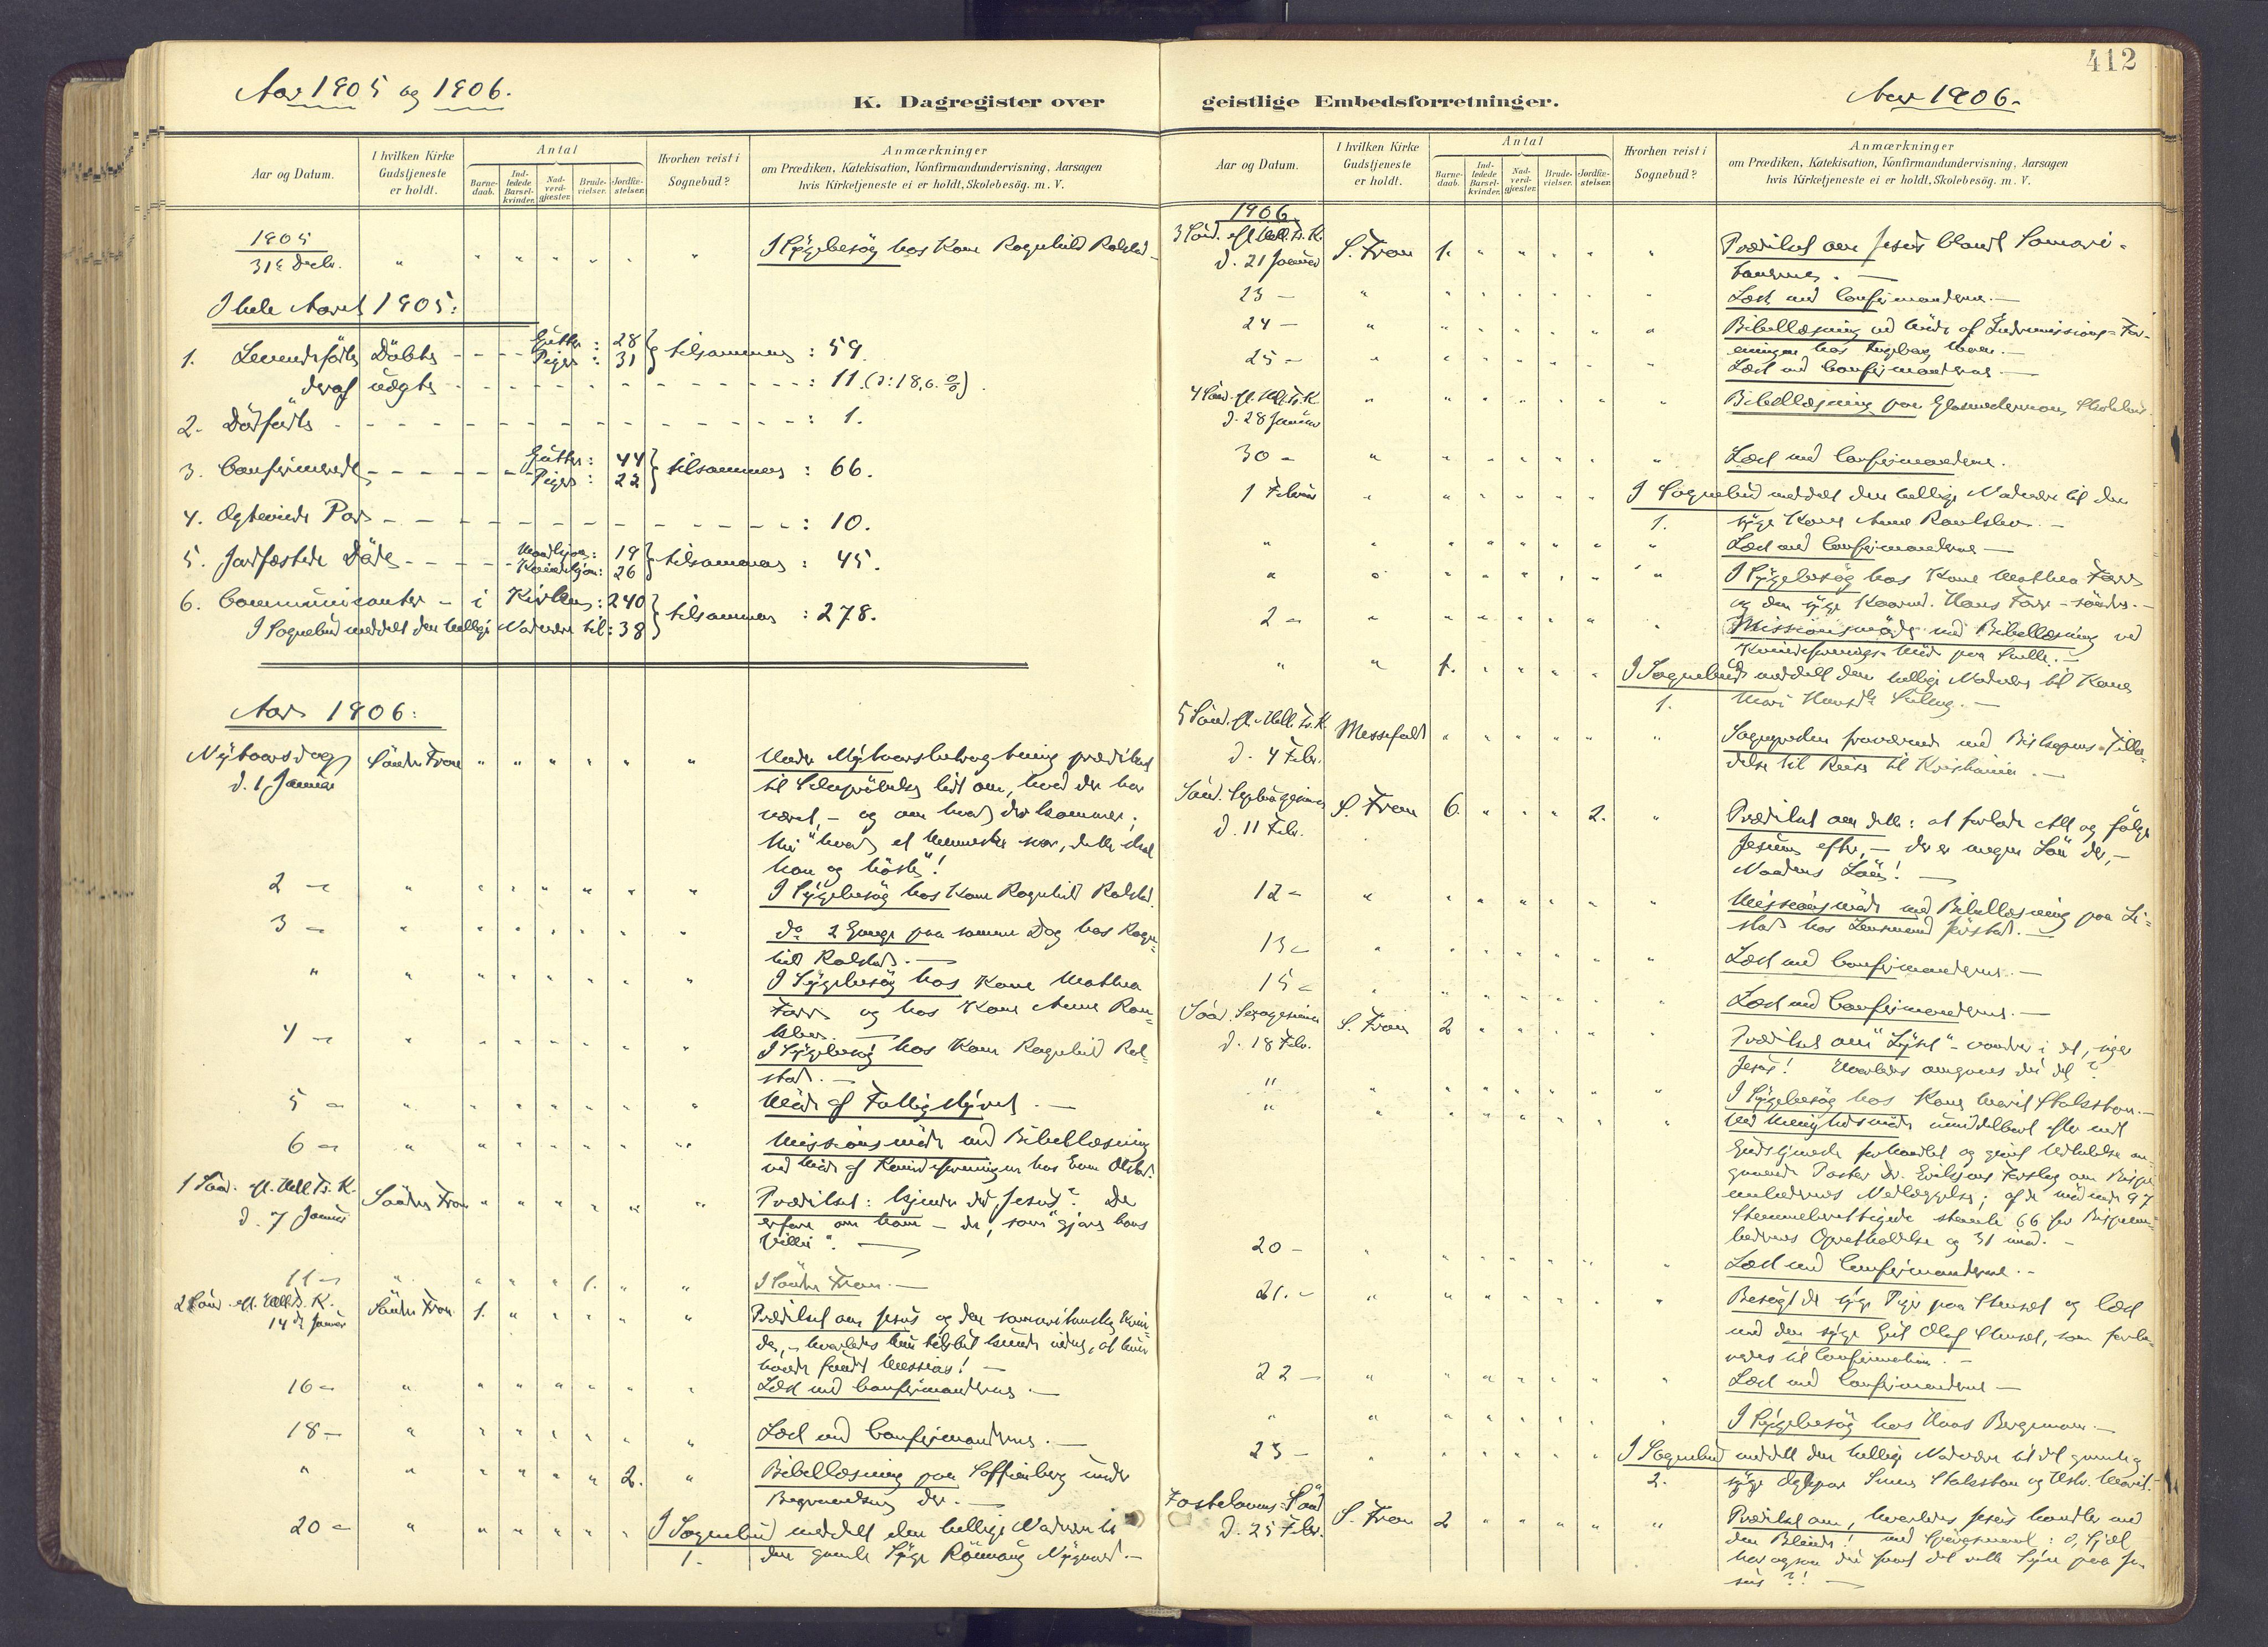 SAH, Sør-Fron prestekontor, H/Ha/Haa/L0004: Ministerialbok nr. 4, 1898-1919, s. 412